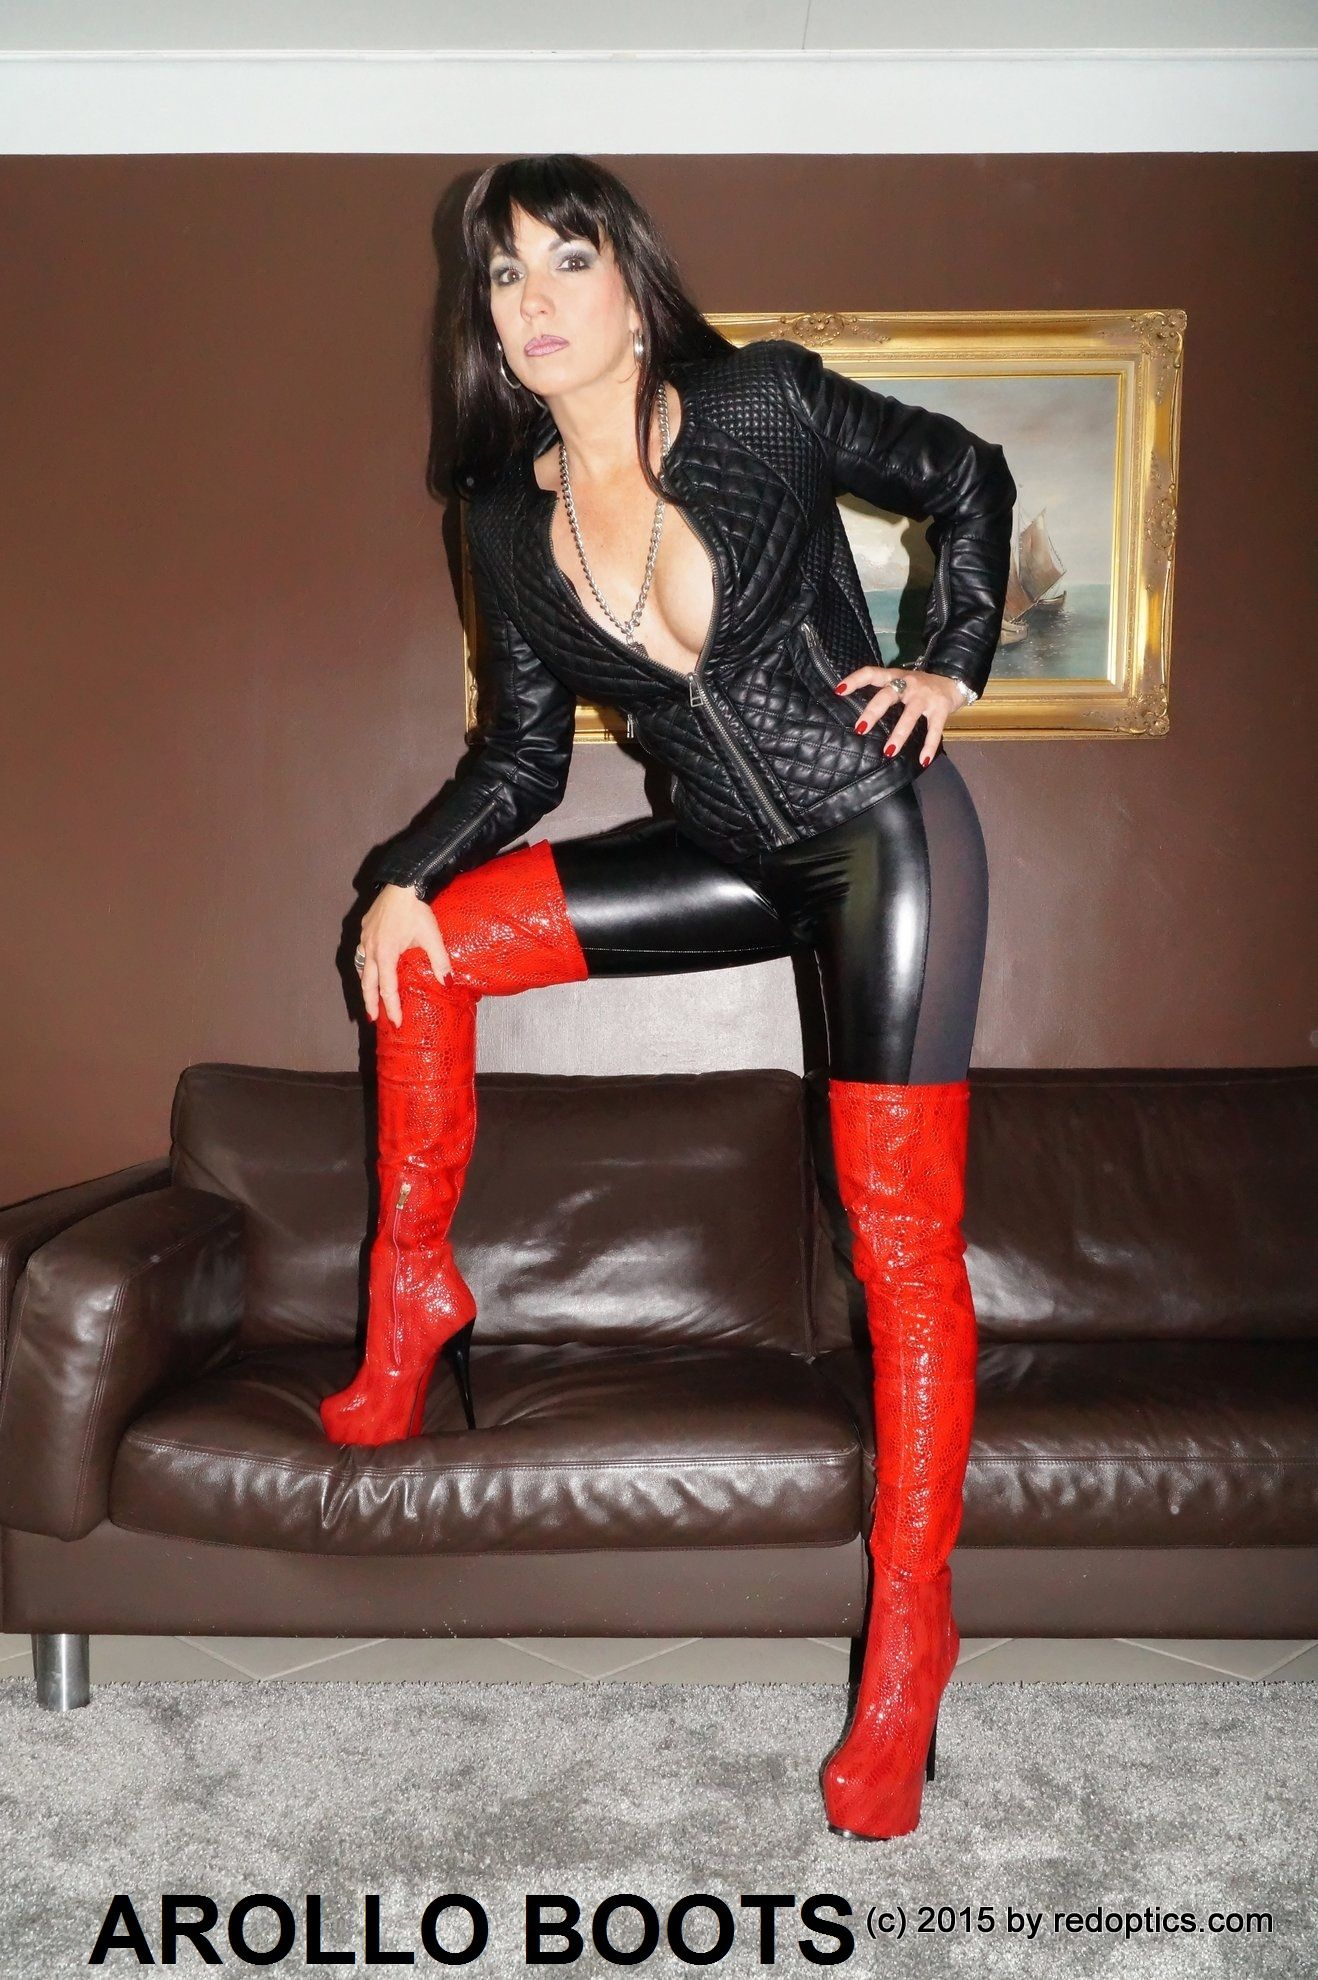 Stella van Gent in AROLLO Boots overknee www